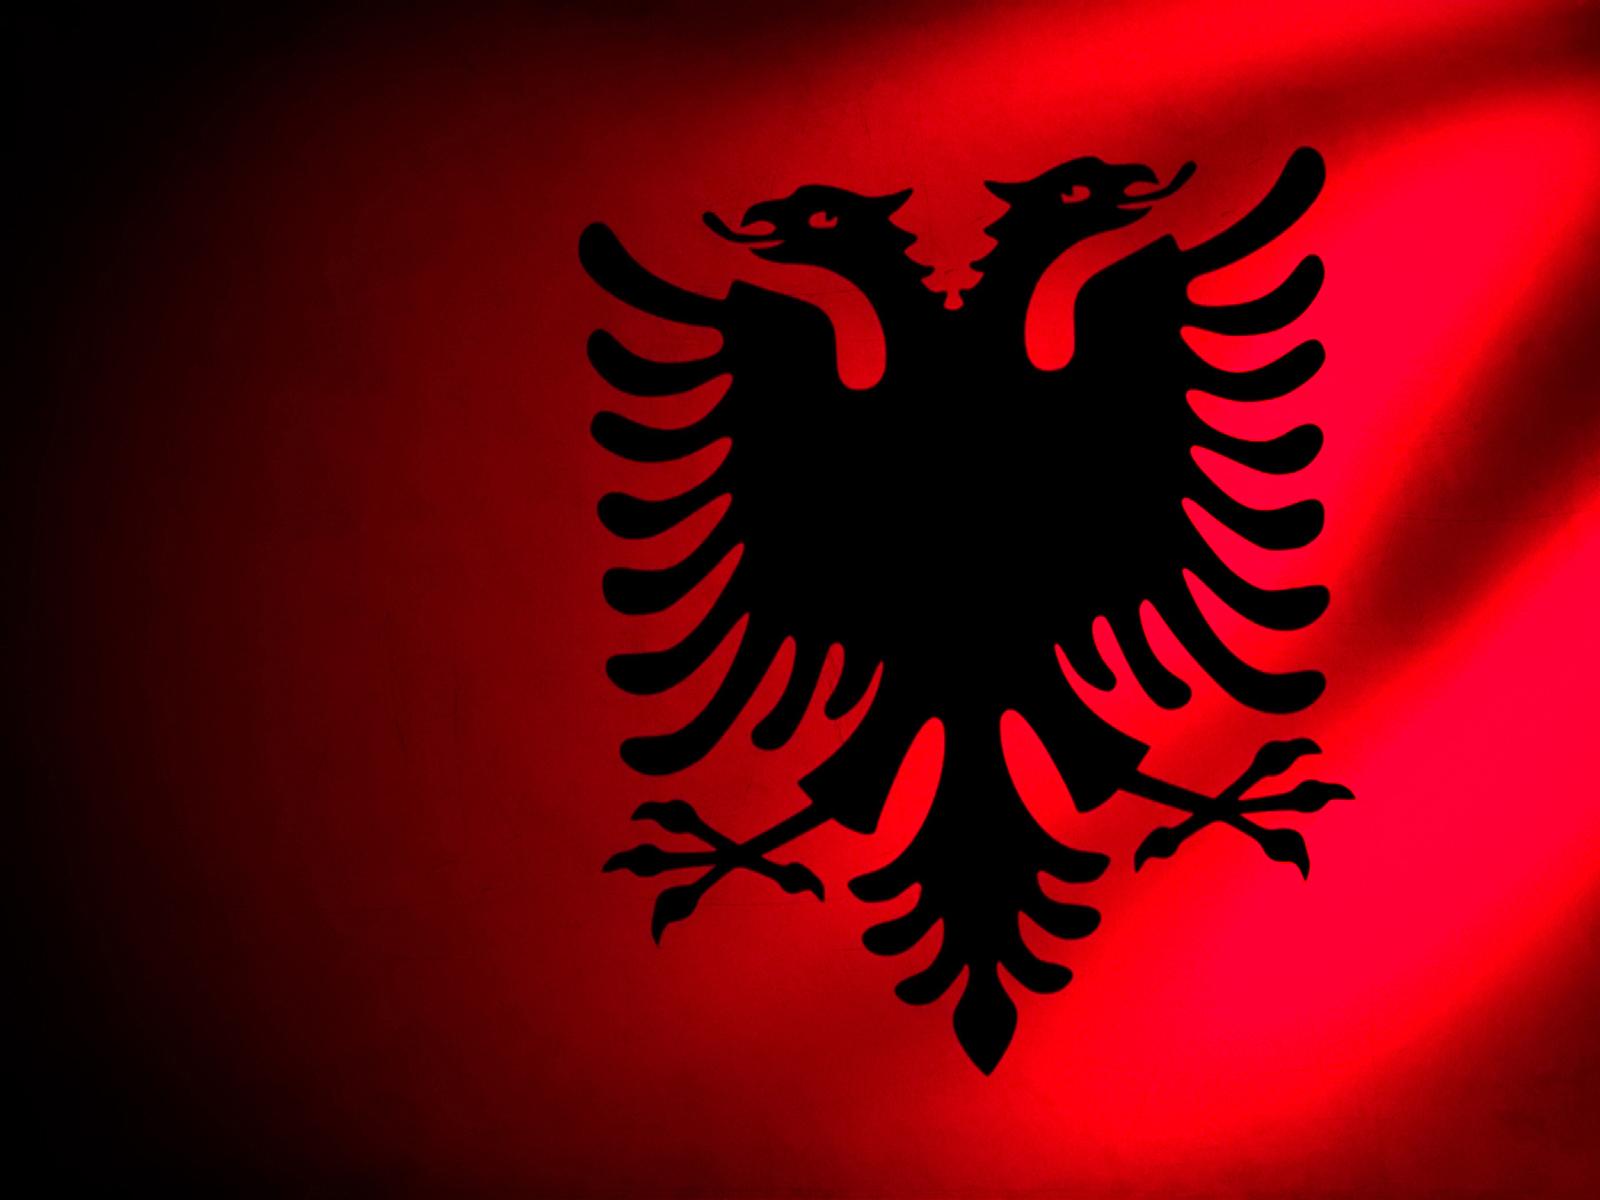 http://2.bp.blogspot.com/-yBMvUy8MtPI/TbnO13RFfLI/AAAAAAAARDA/T8AJD_2LPfY/s1600/Albania_Flag34.jpg